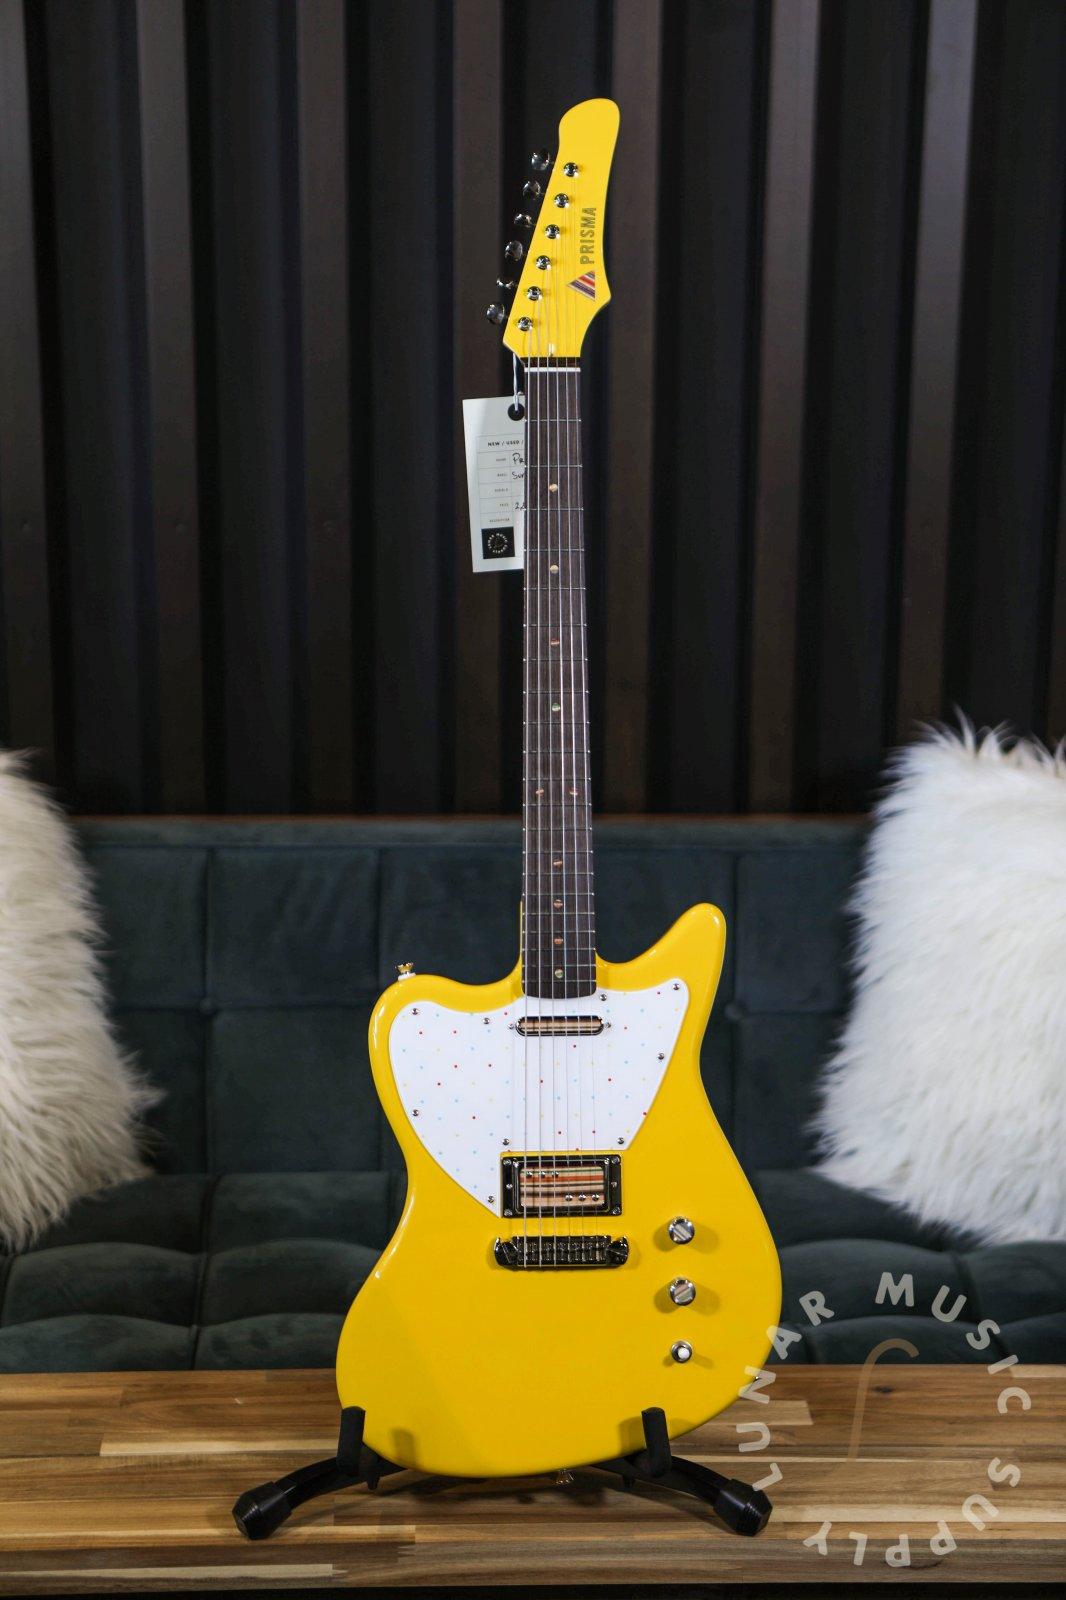 Prisma Guitars Sunset Series Electric Guitar - Taxi Cab Yellow